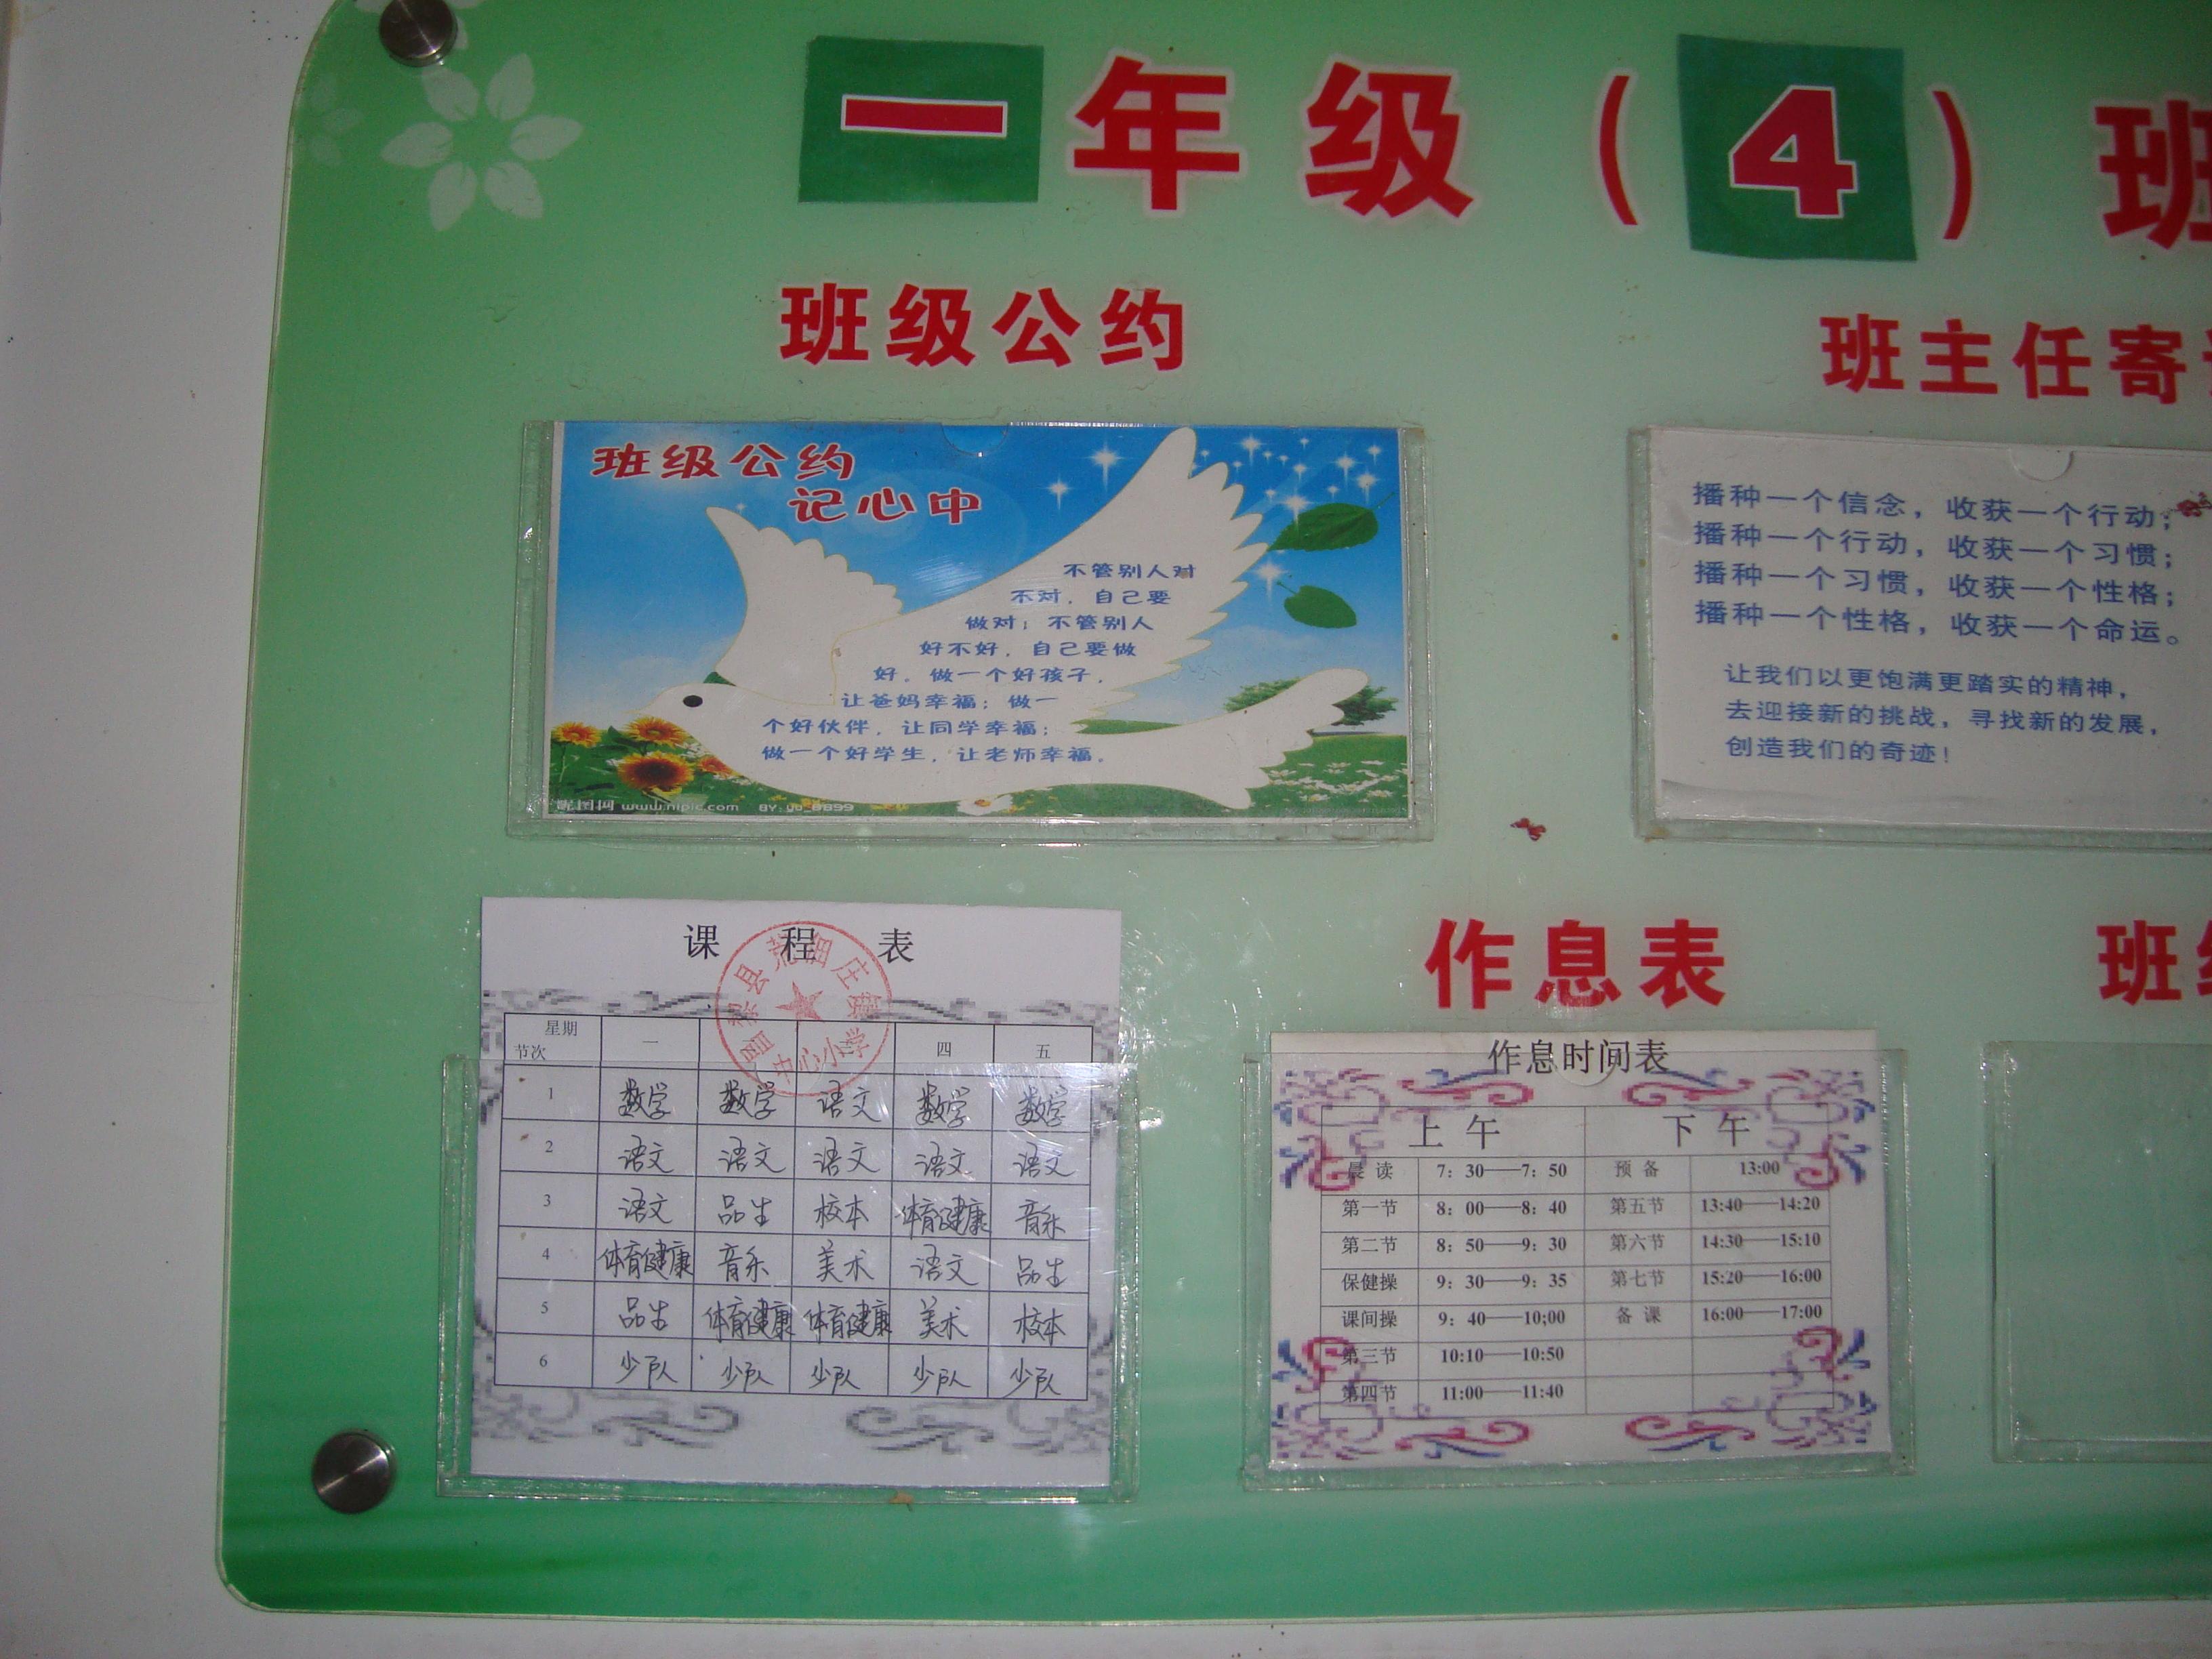 昌黎县荒佃庄镇中心小学一年级课程表